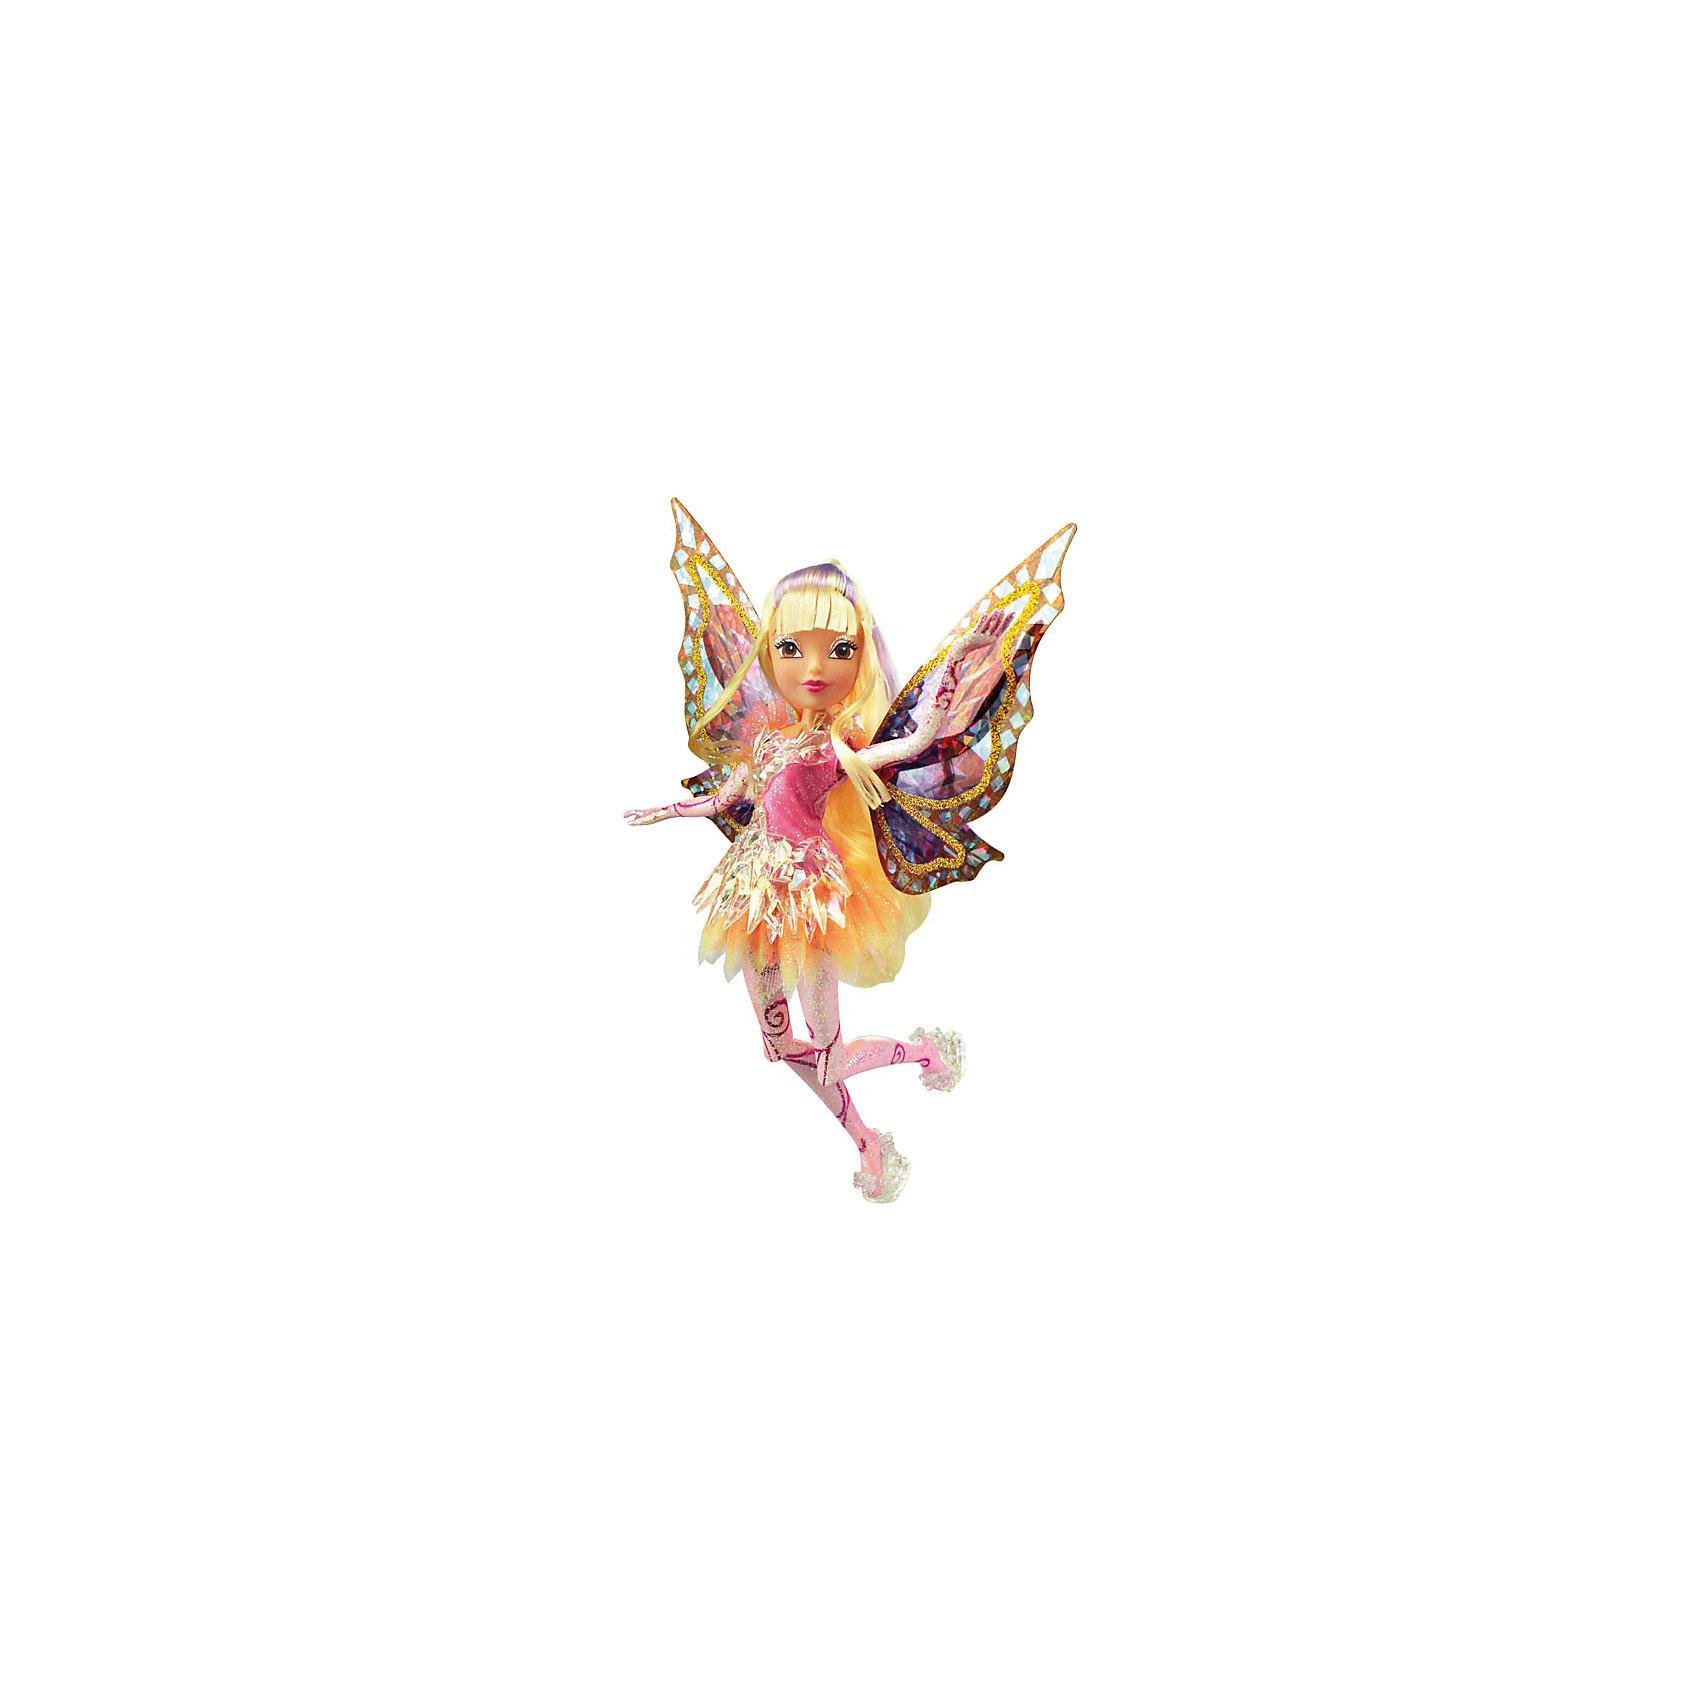 Gulliver Кукла Стелла, Тайникс, Winx Club куклы winx кукла winx club тайникс stella